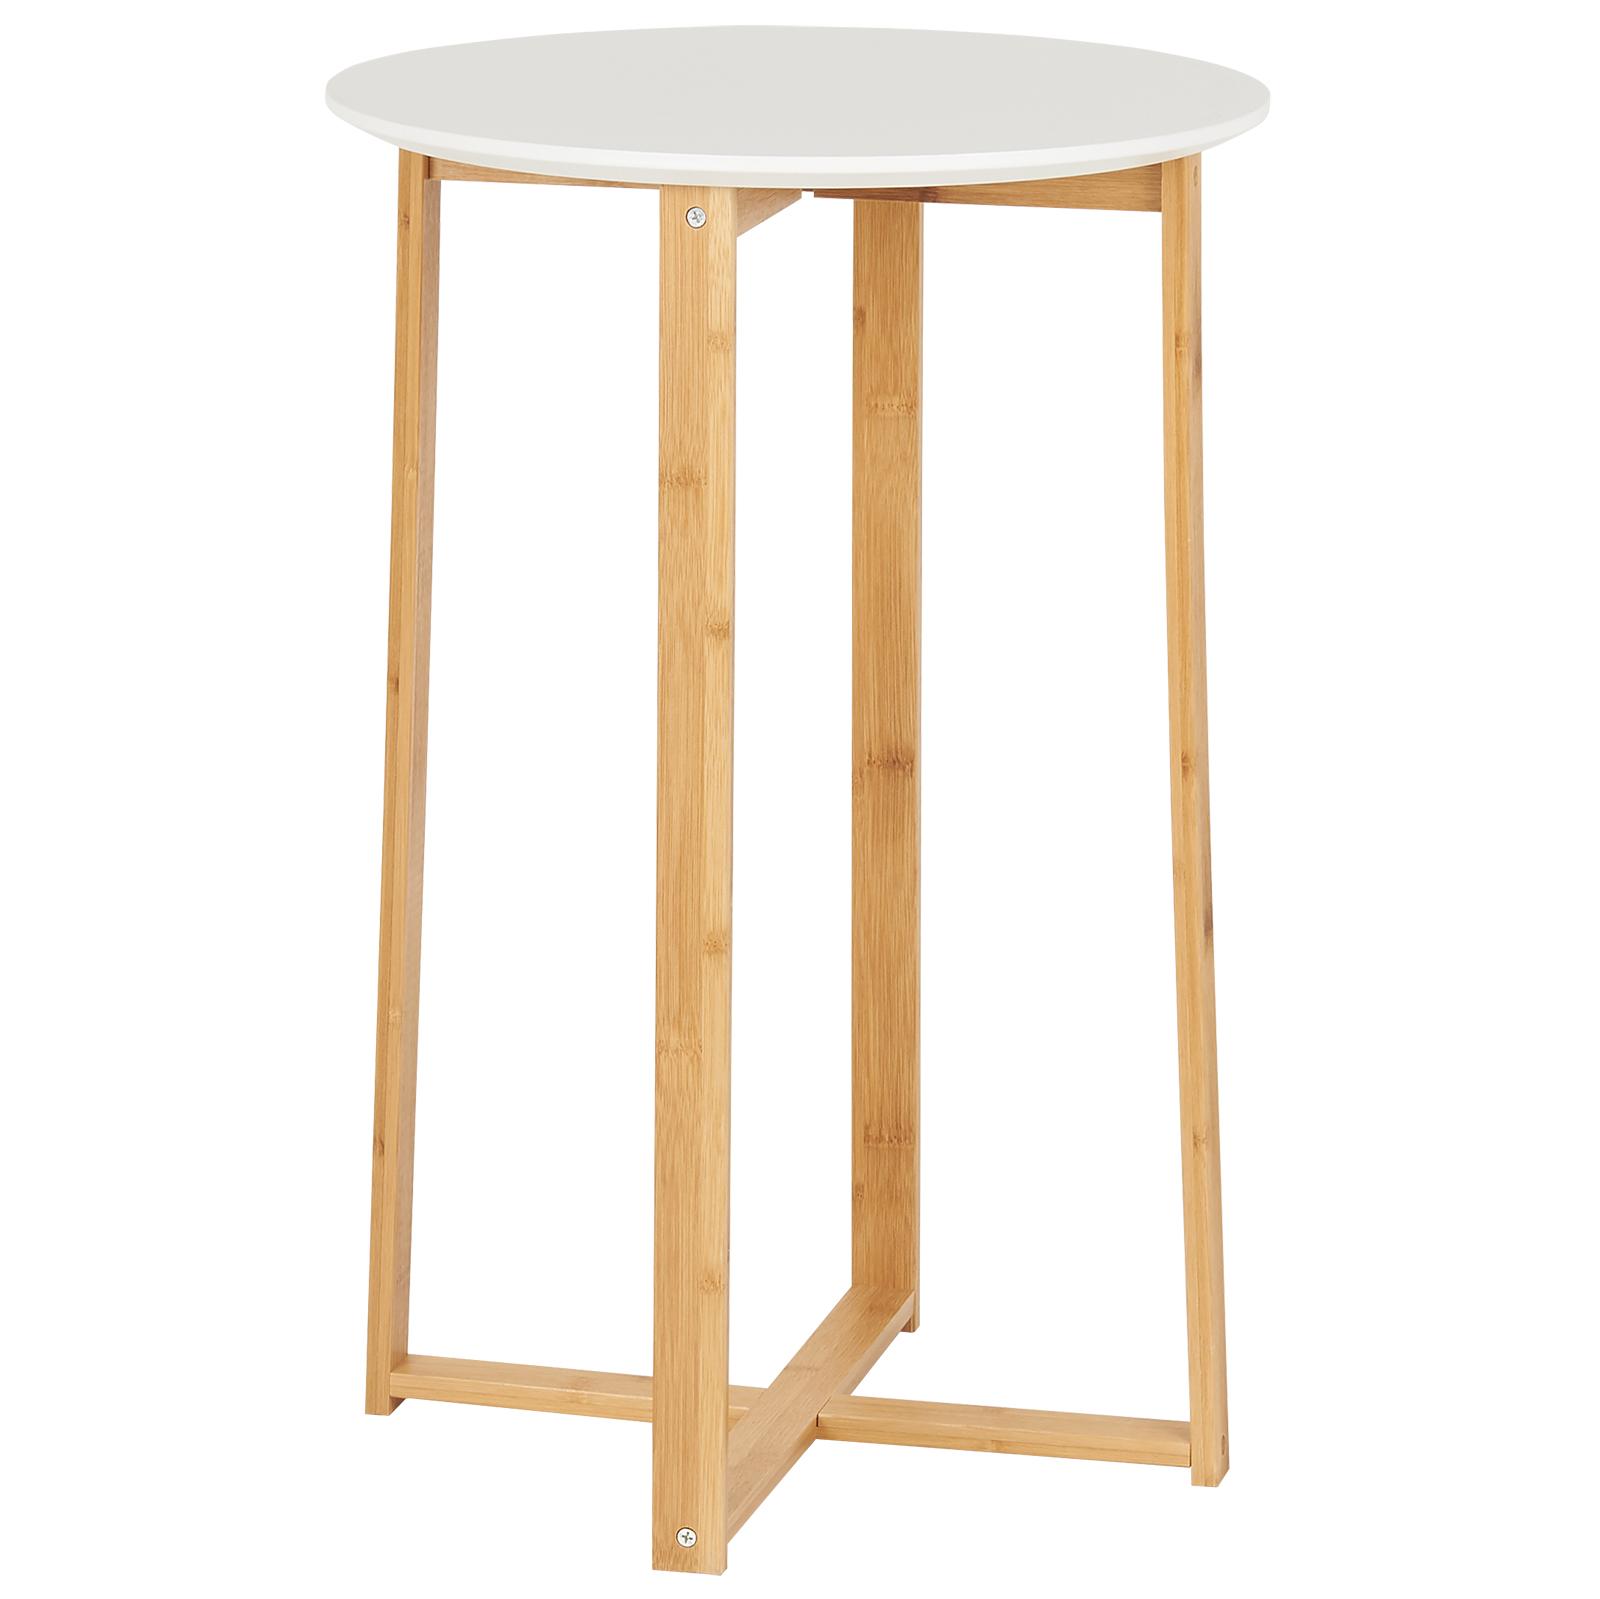 Tavolo Alto Bianco.Dettagli Su Hartleys Tavolino Alto Bianco E Bambu Stile Scandinava Tavoli Tavolini Alta